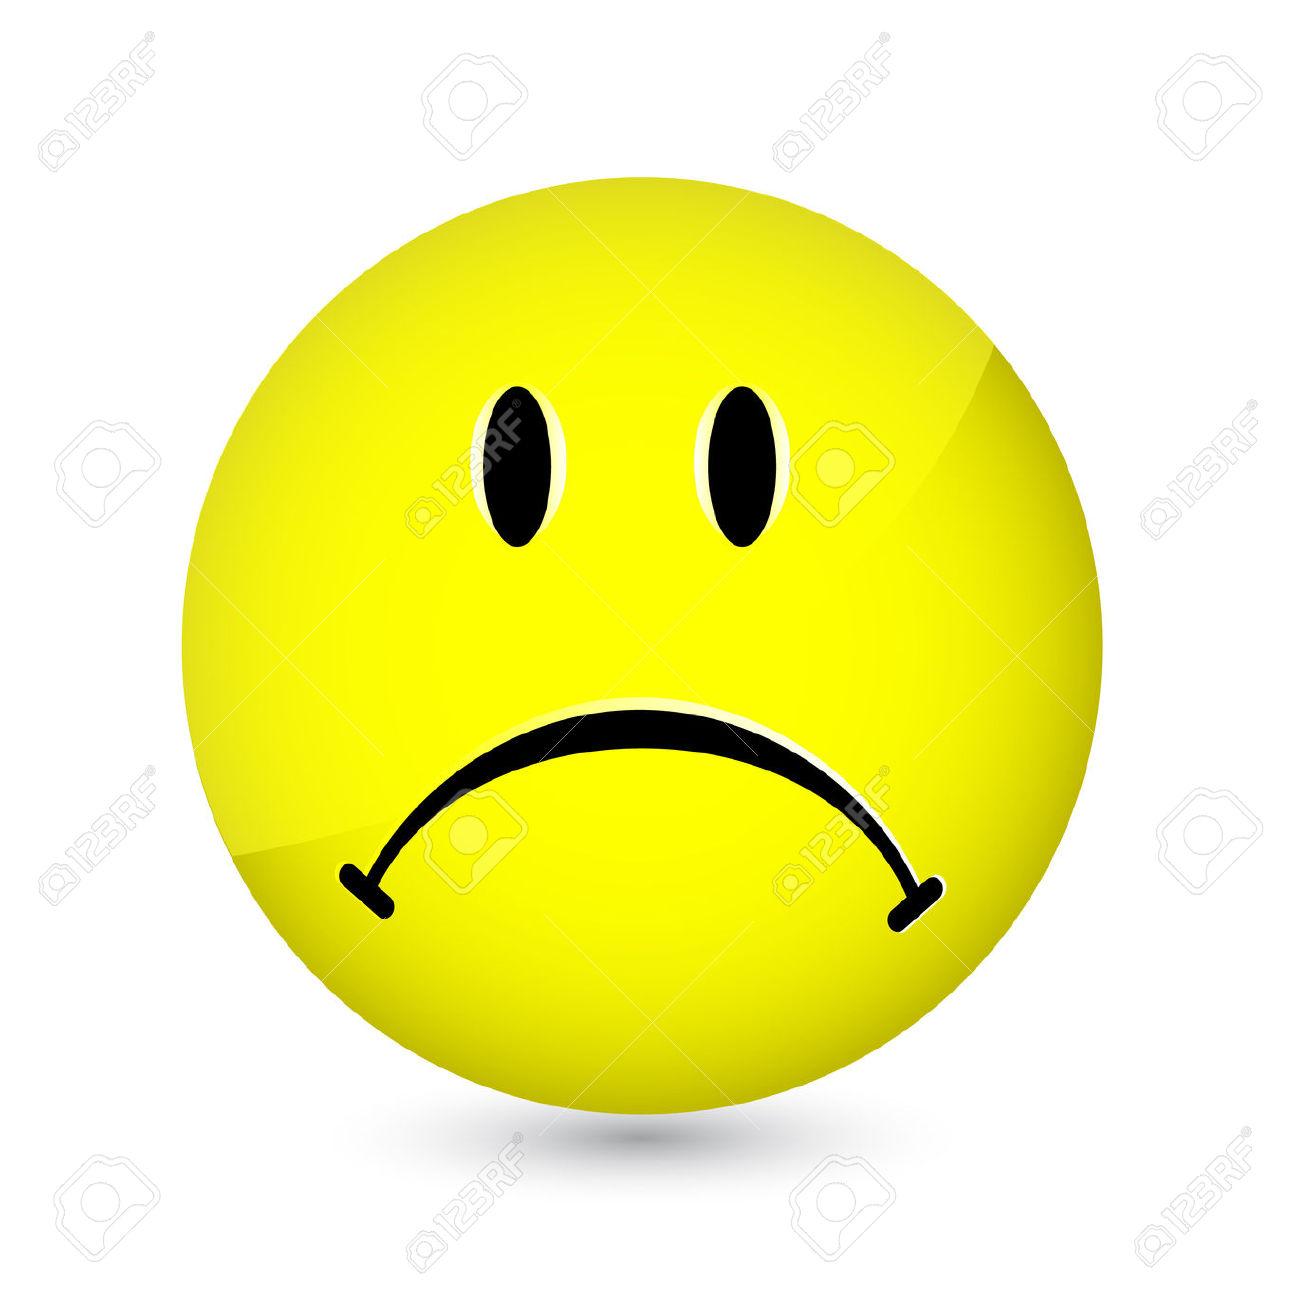 Tears clipart sad smile Clipart Sad Vectors face Pie